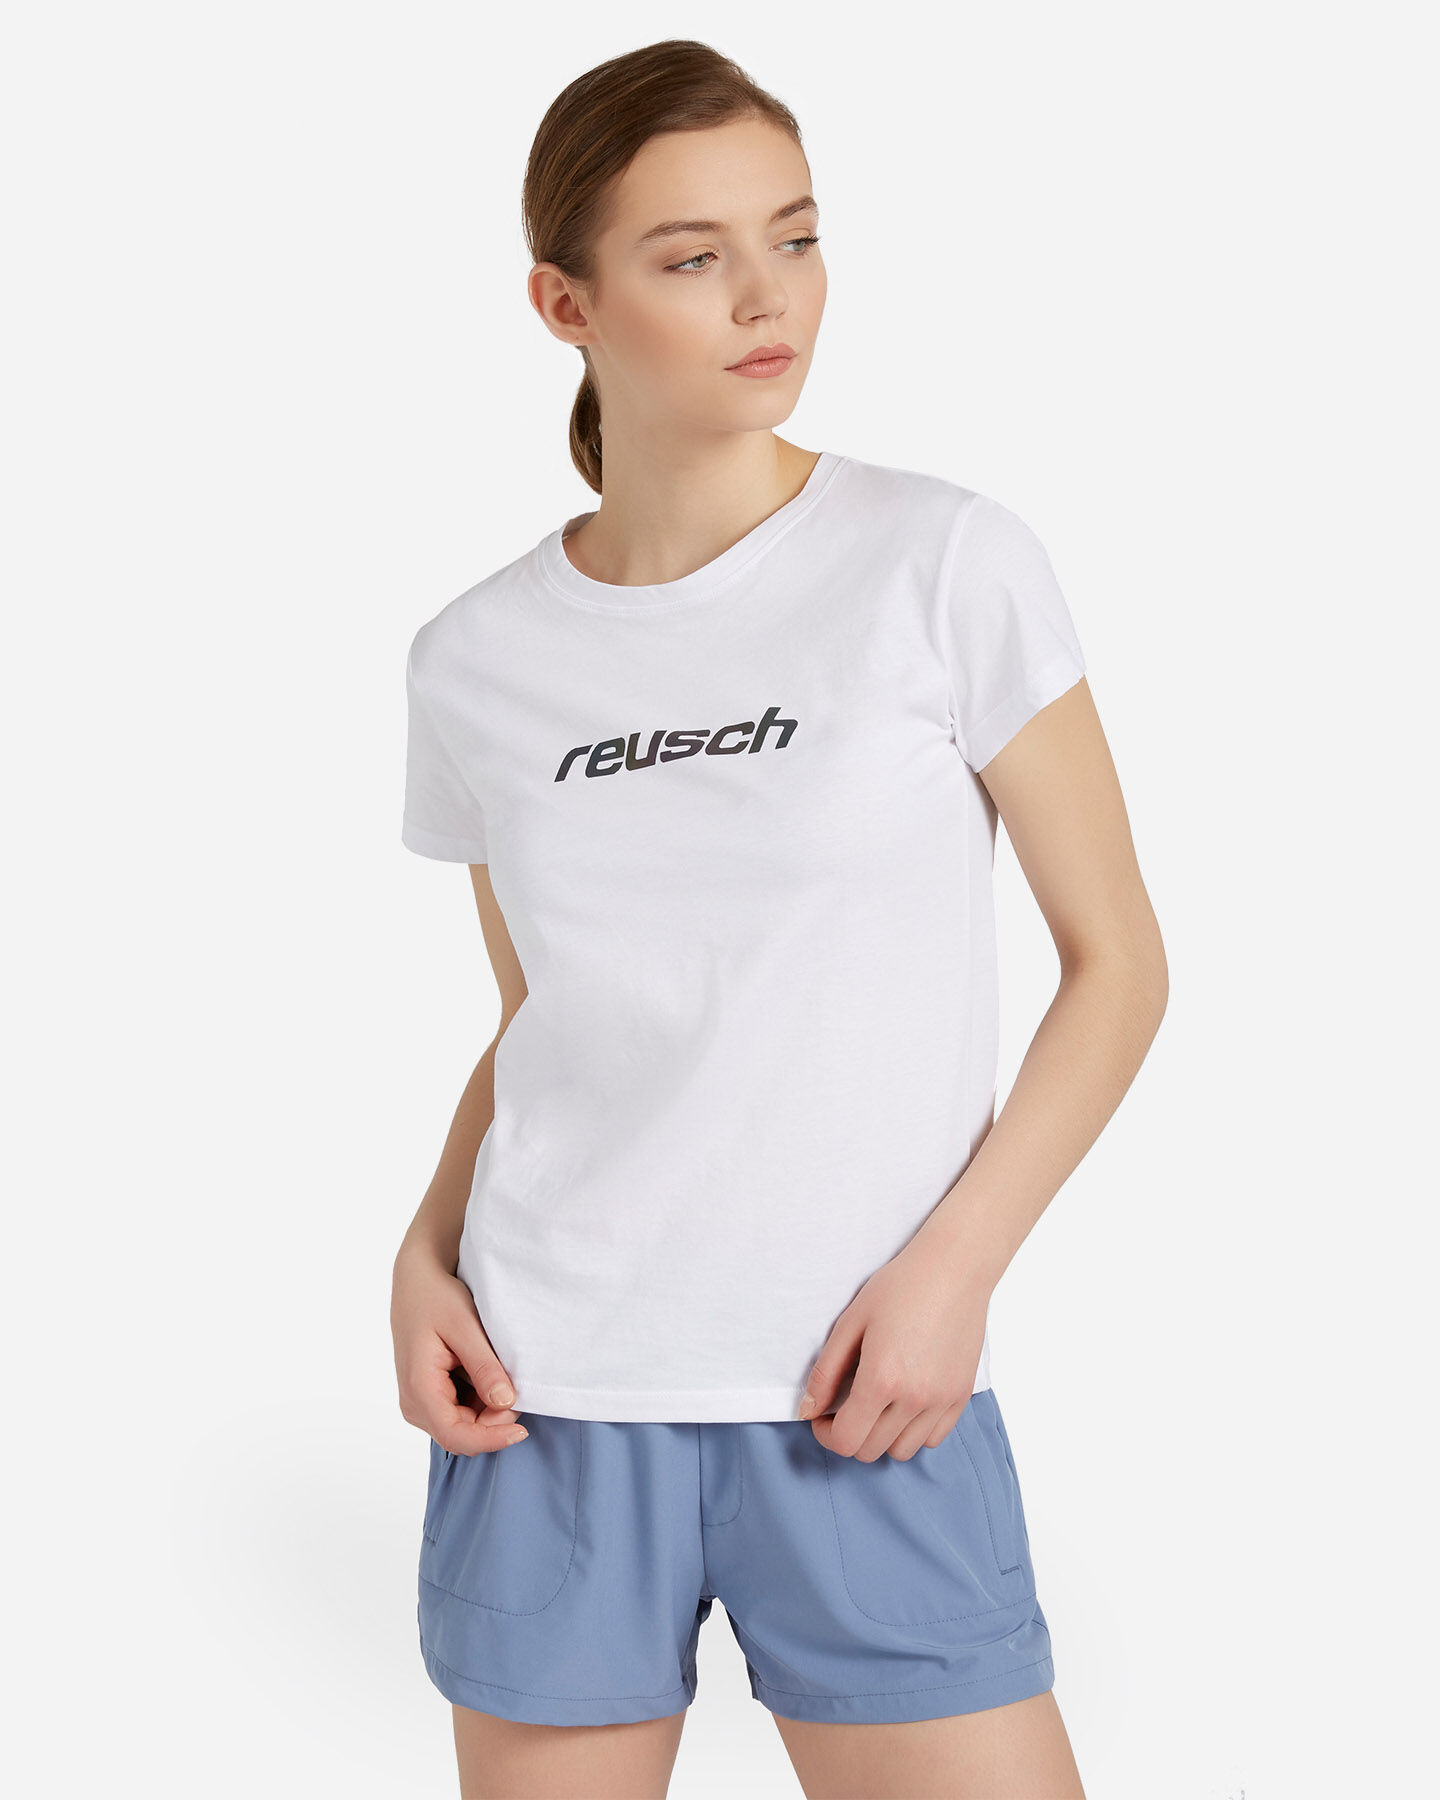 T-Shirt REUSCH LOGO W S4087258 scatto 0